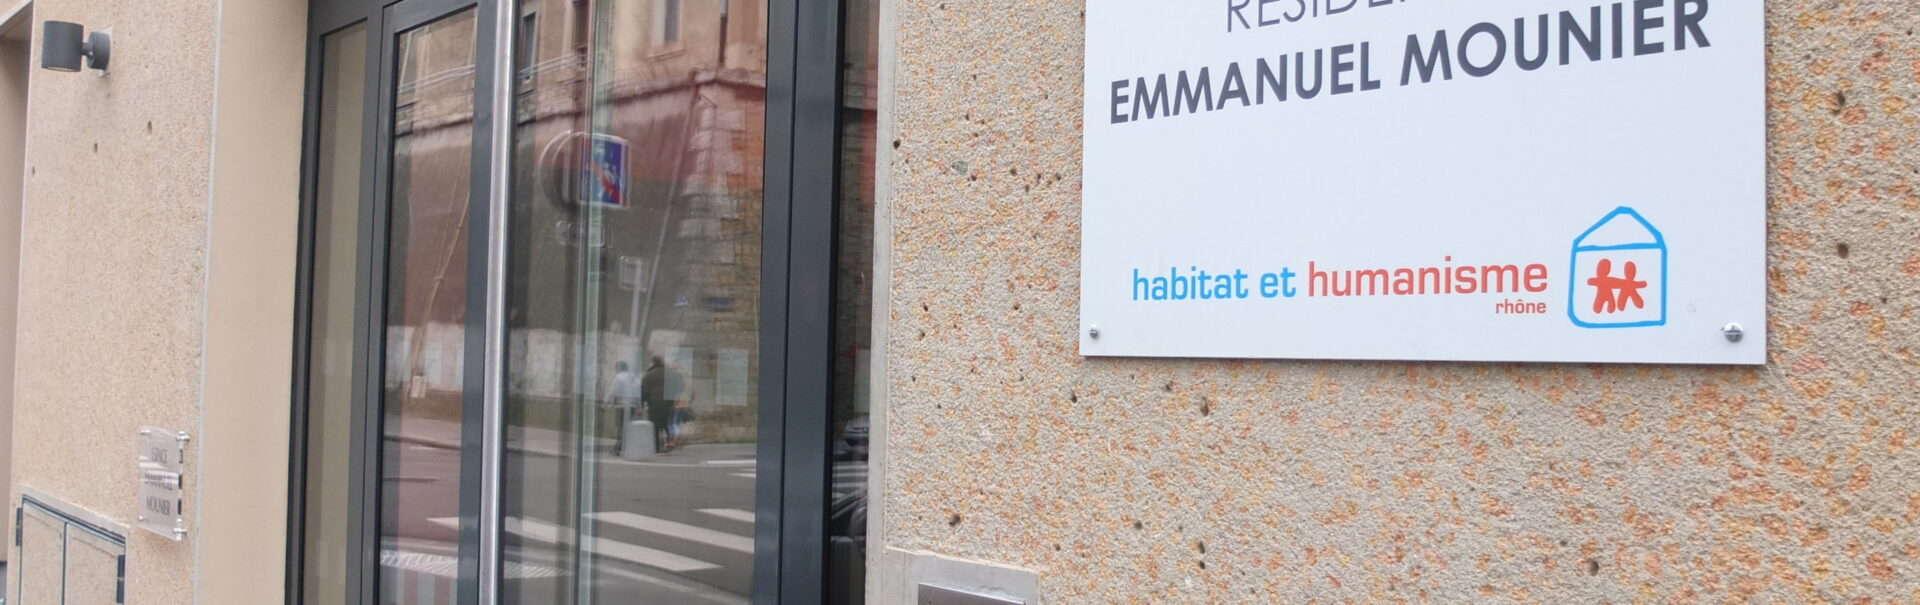 Résidence Emmanuel Mounier